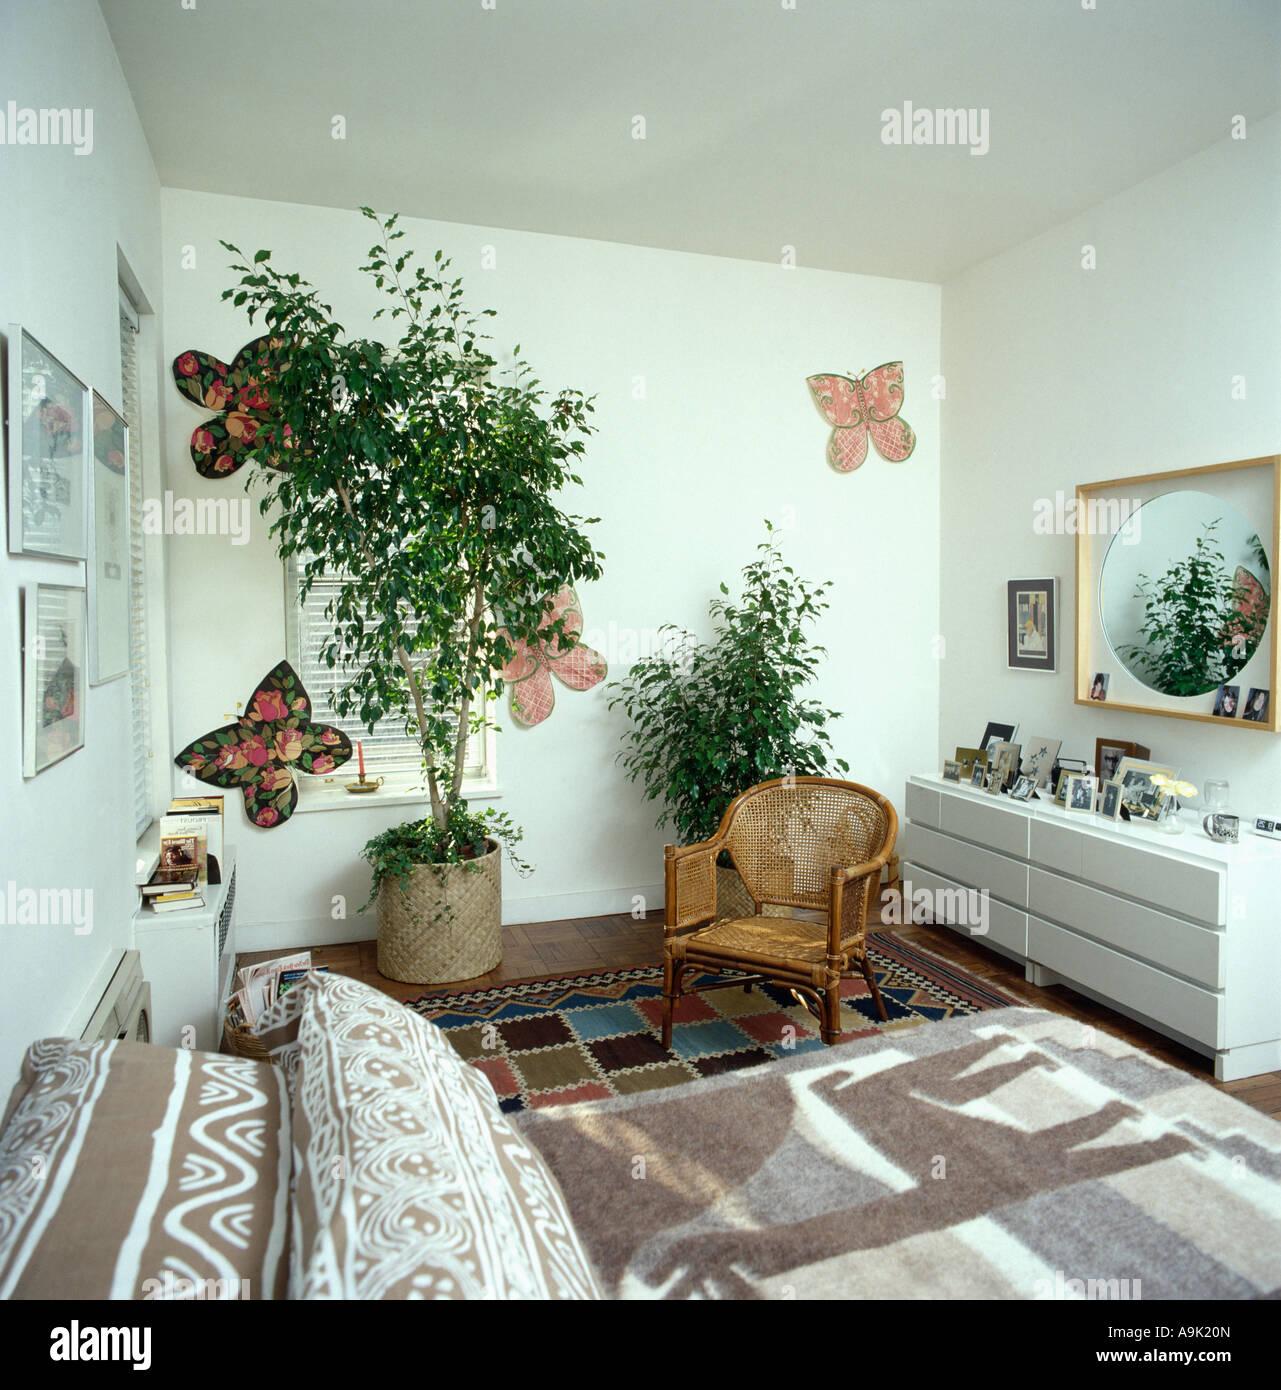 grosse zimmerpflanzen und papier schmetterlinge an der wand auf weisse achtziger jahre schlafzimmer